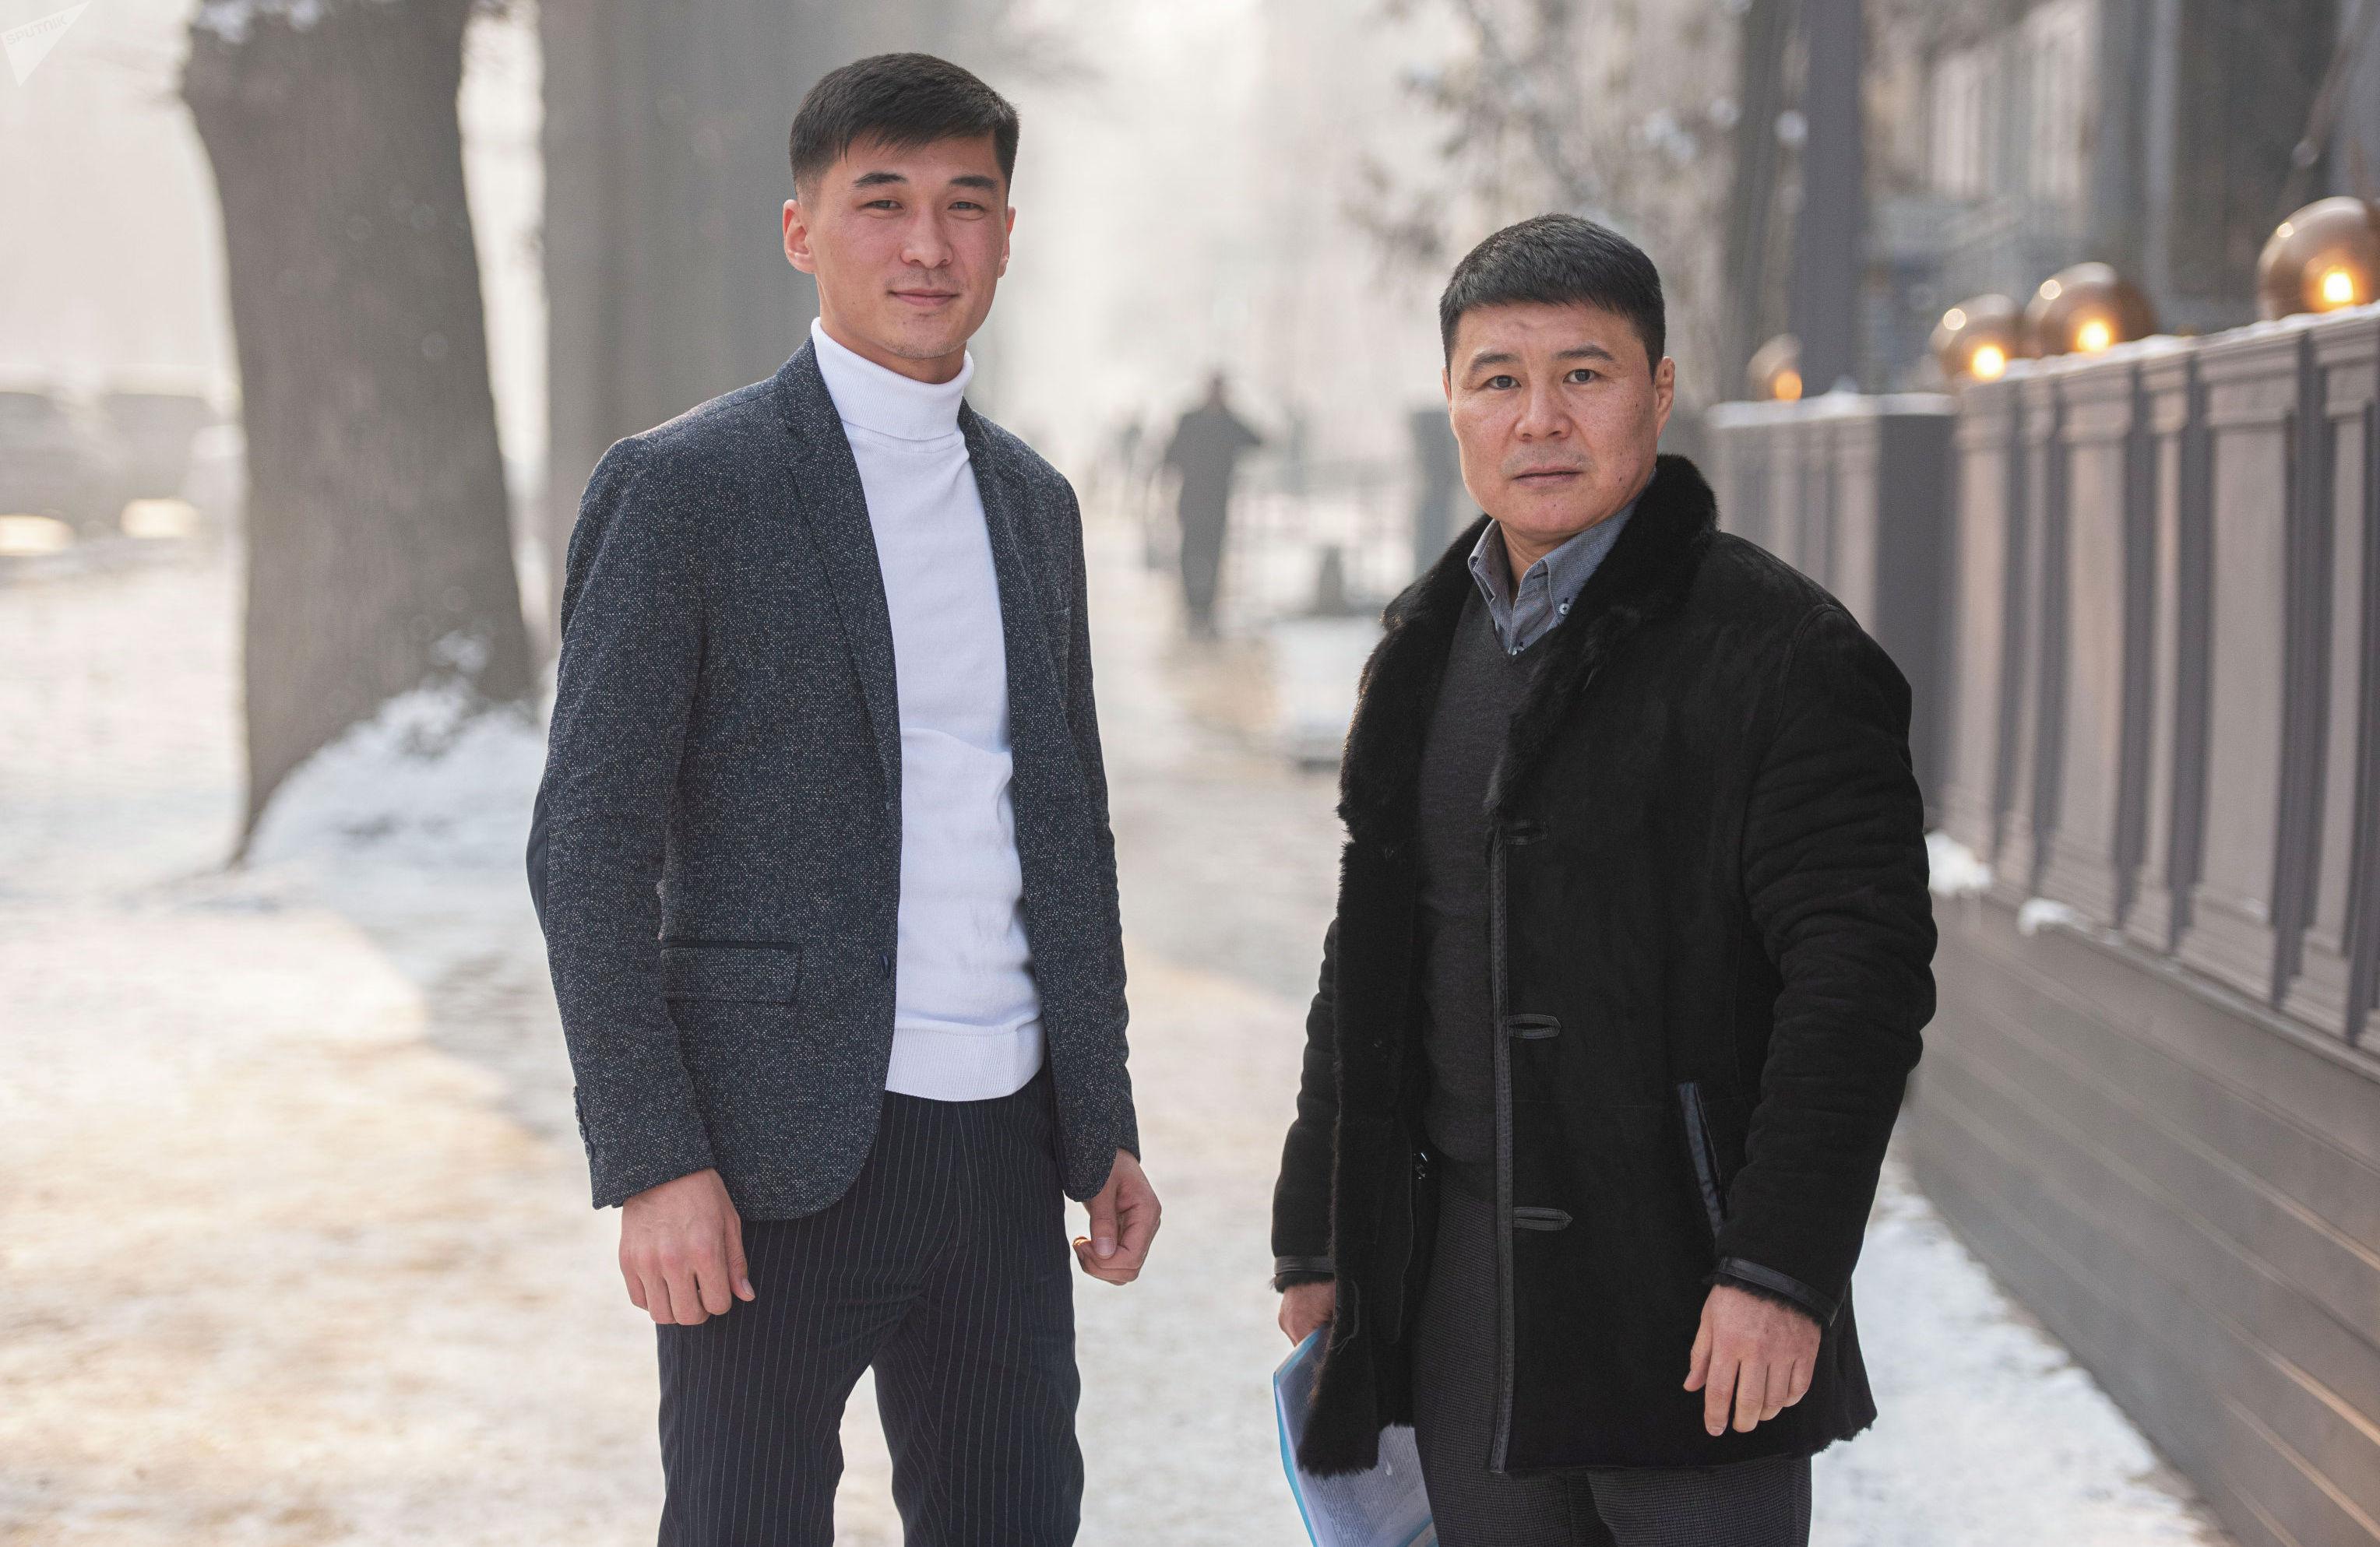 Депутат ЖК Тазабек Икрамов и журналист Sputnik Кыргызстан Эламан Карымшаков во время интервью, в рамках проекта интервью наоборот